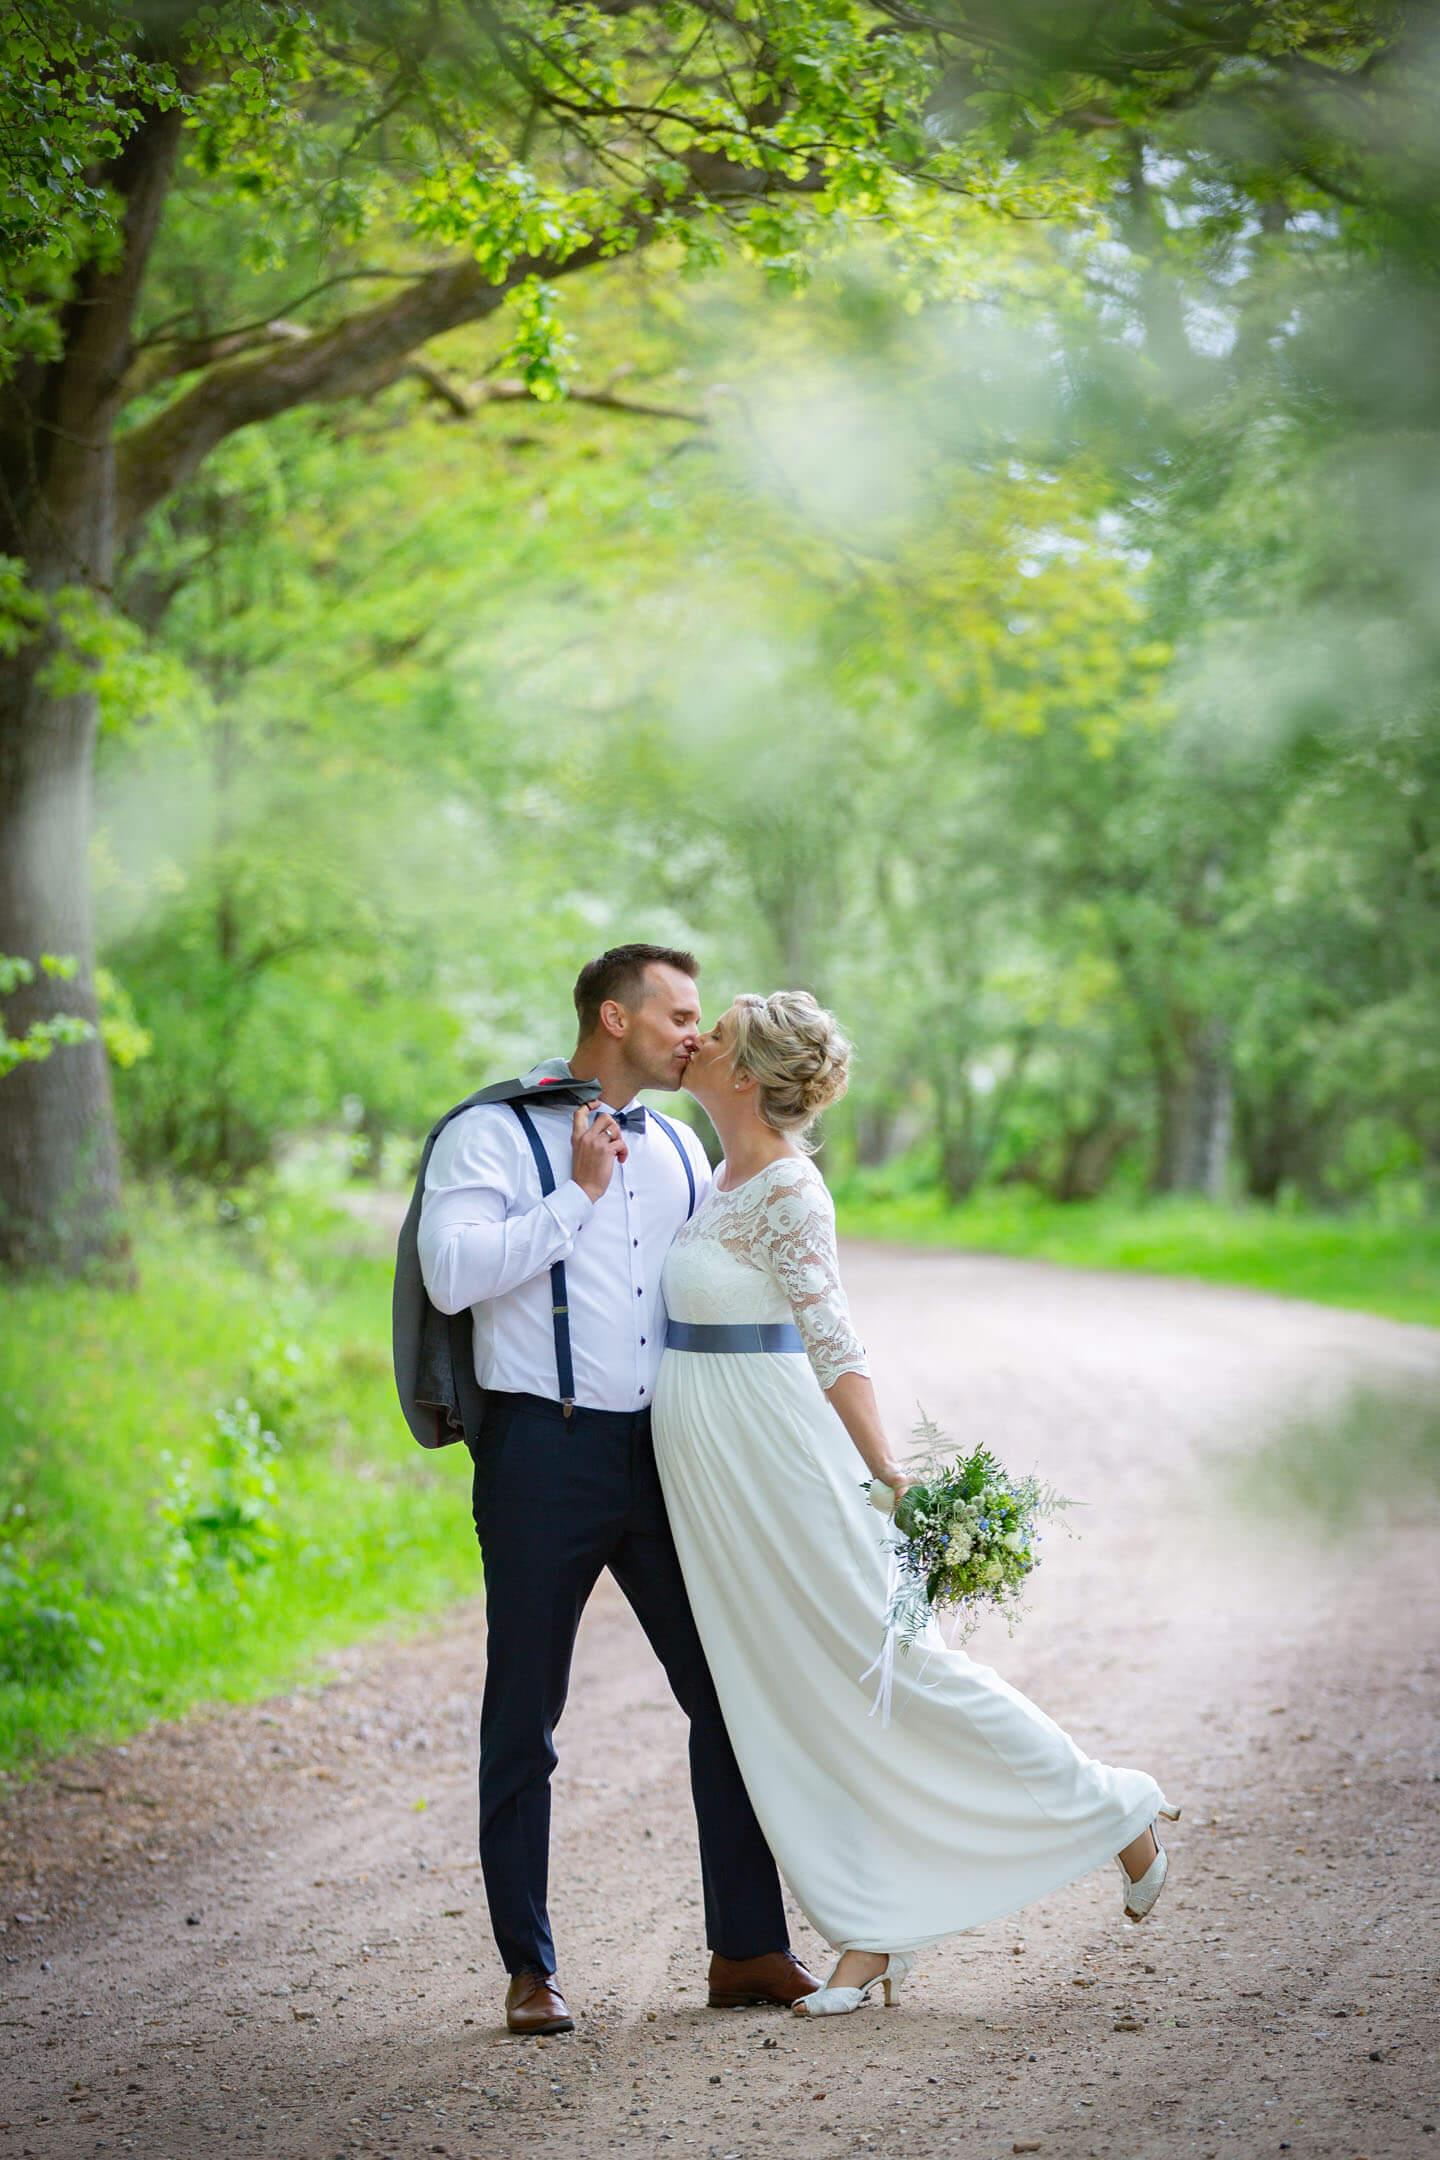 Natürliche Hochzeitsfotos von Florian Läufer aus Hamburg